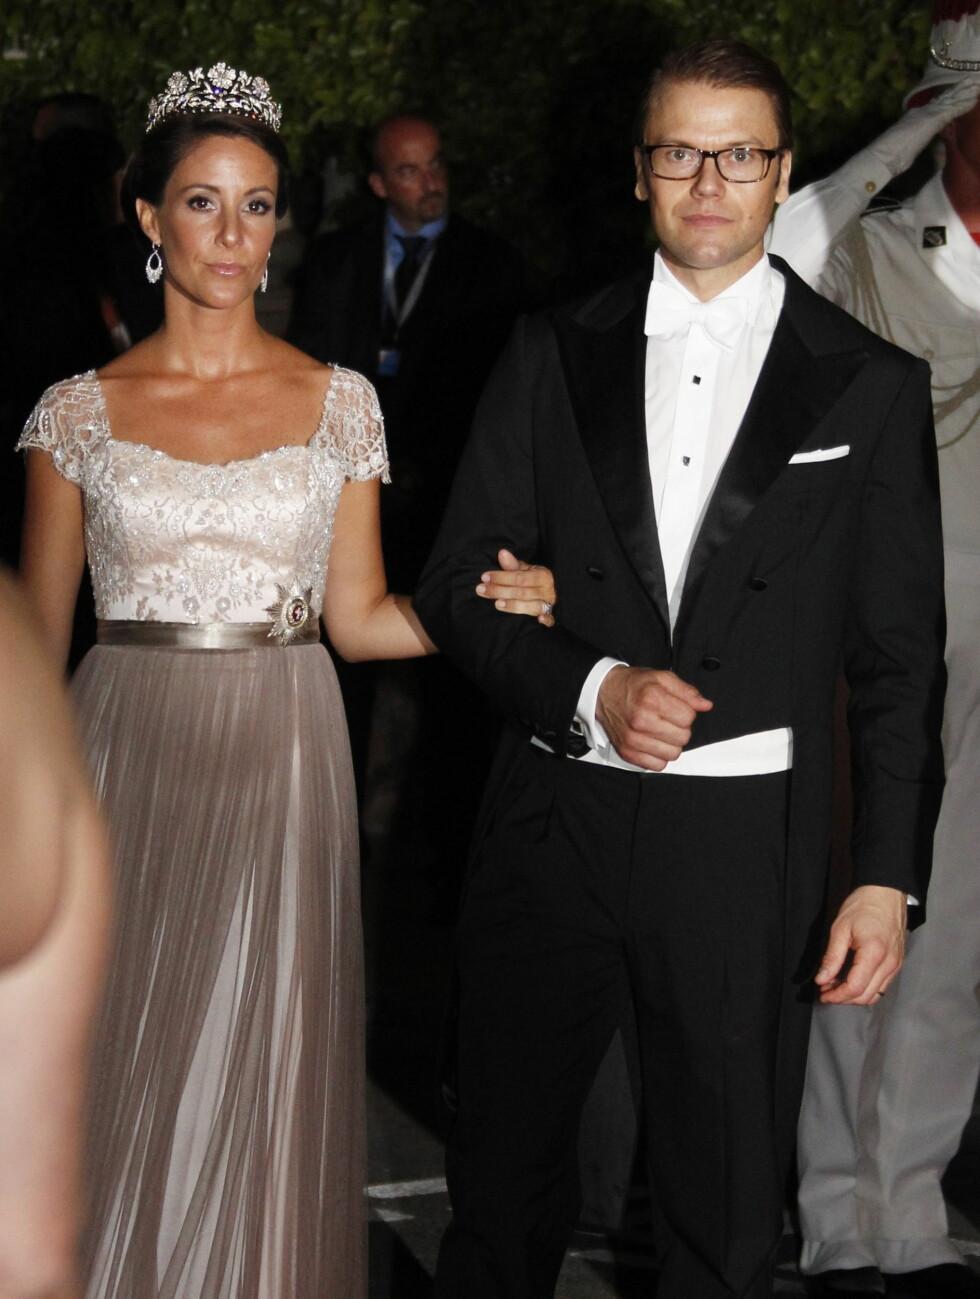 DANMARK-SVERIGE: Prinsesse Marie fra Danmark med prins Daniel fra Sverige.  Foto: Scanpix